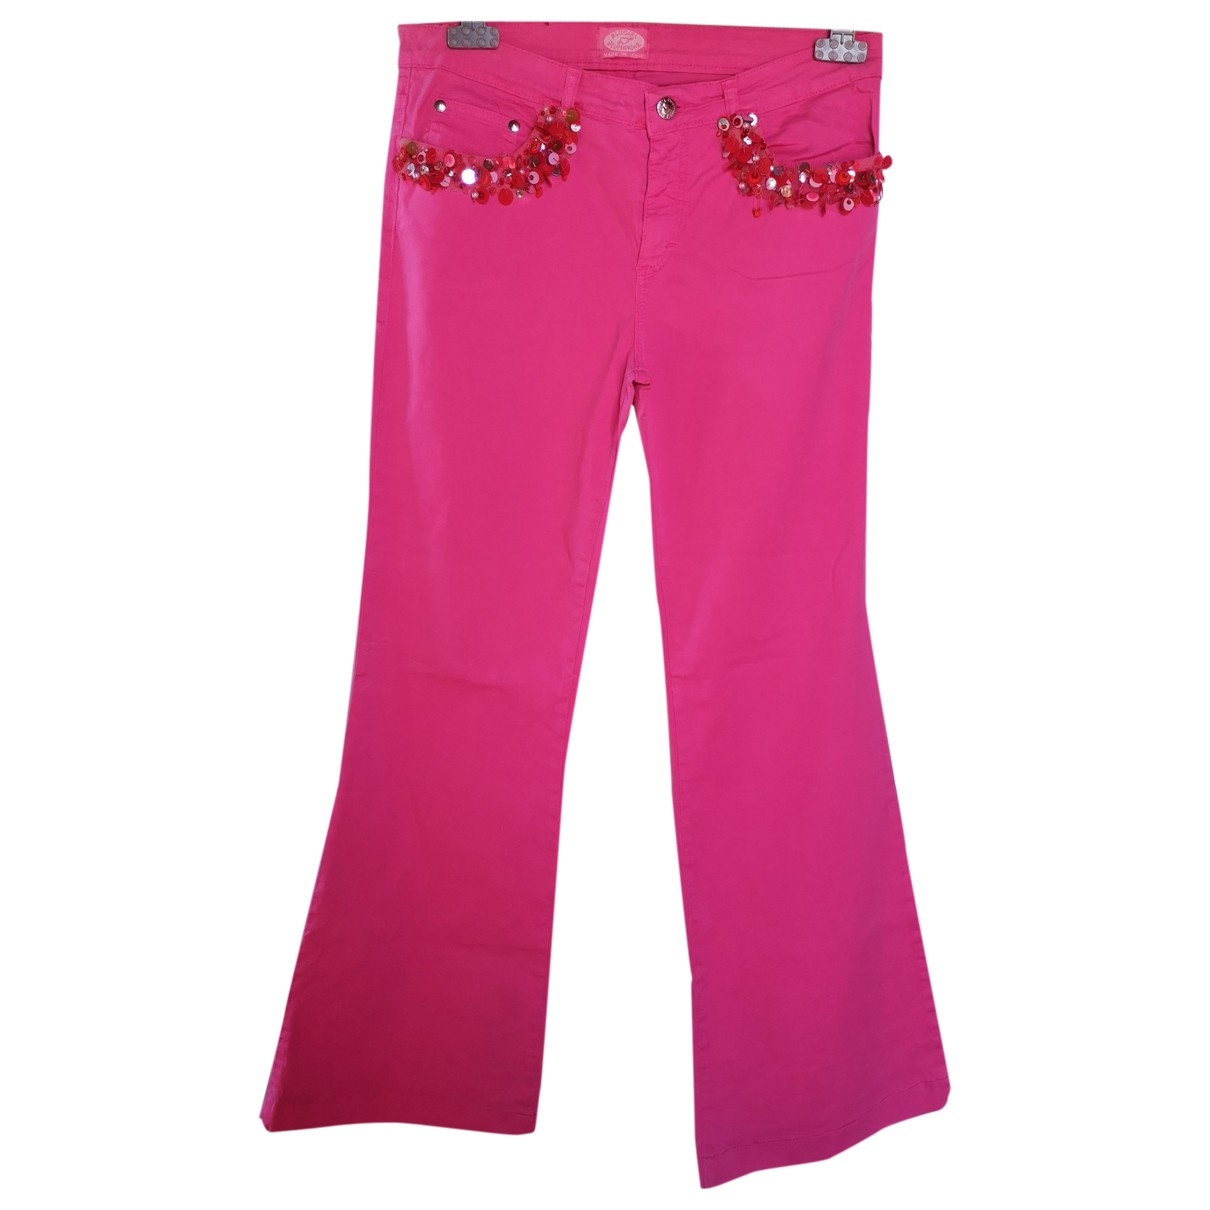 Blumarine \N Pink Denim - Jeans Trousers for Women 42 IT